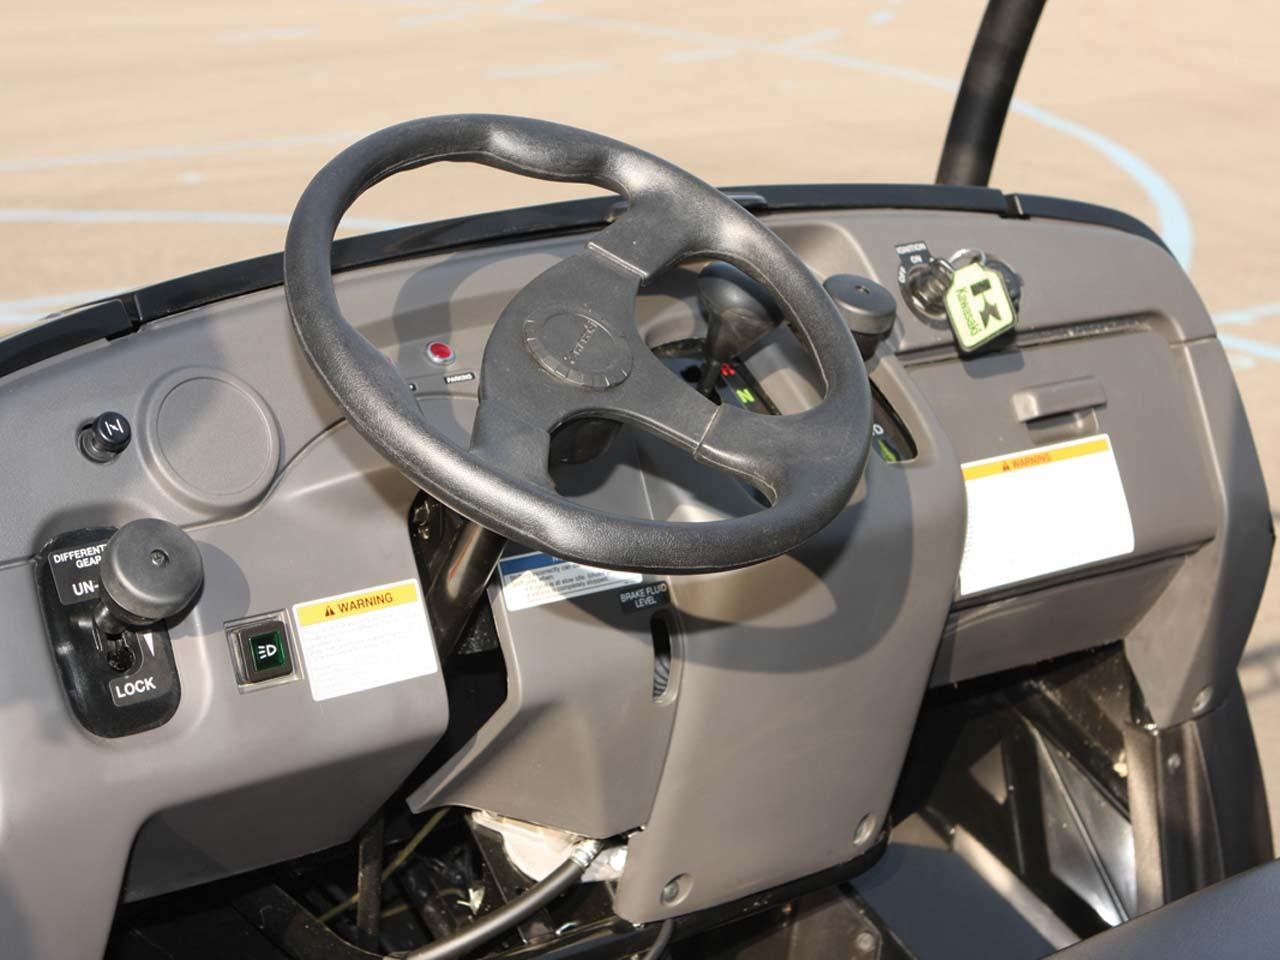 2010 Kawasaki Mule 610 4x4 XC   ATV Illustrated